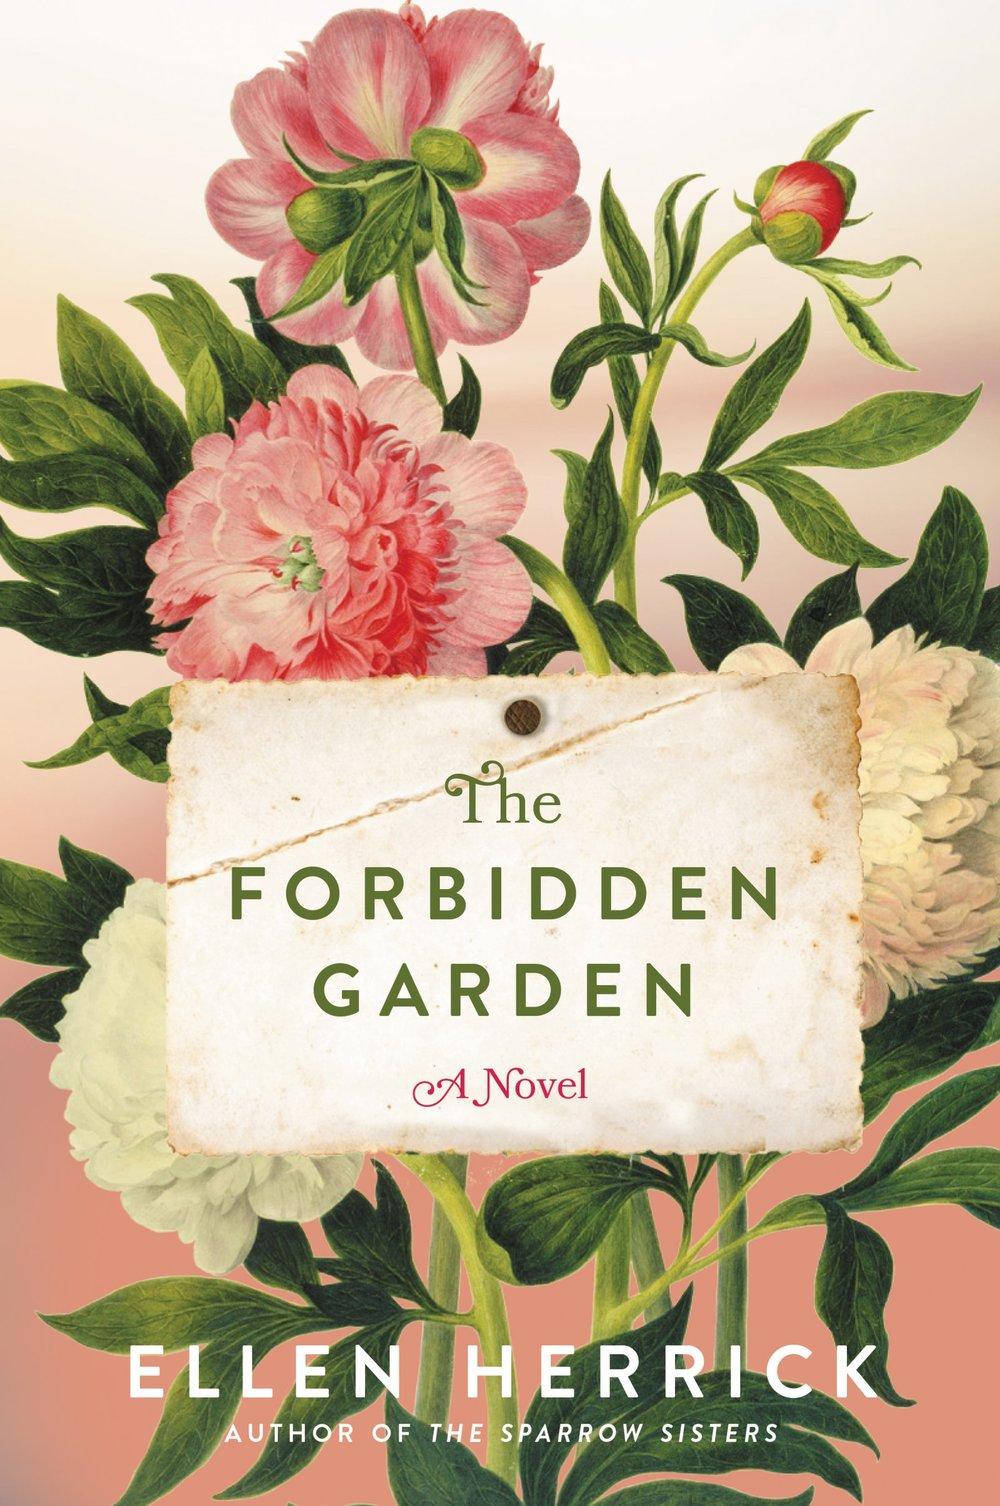 The Forbidden Garden    by Ellen Herrick  William Morrow ---- April 4, 2017